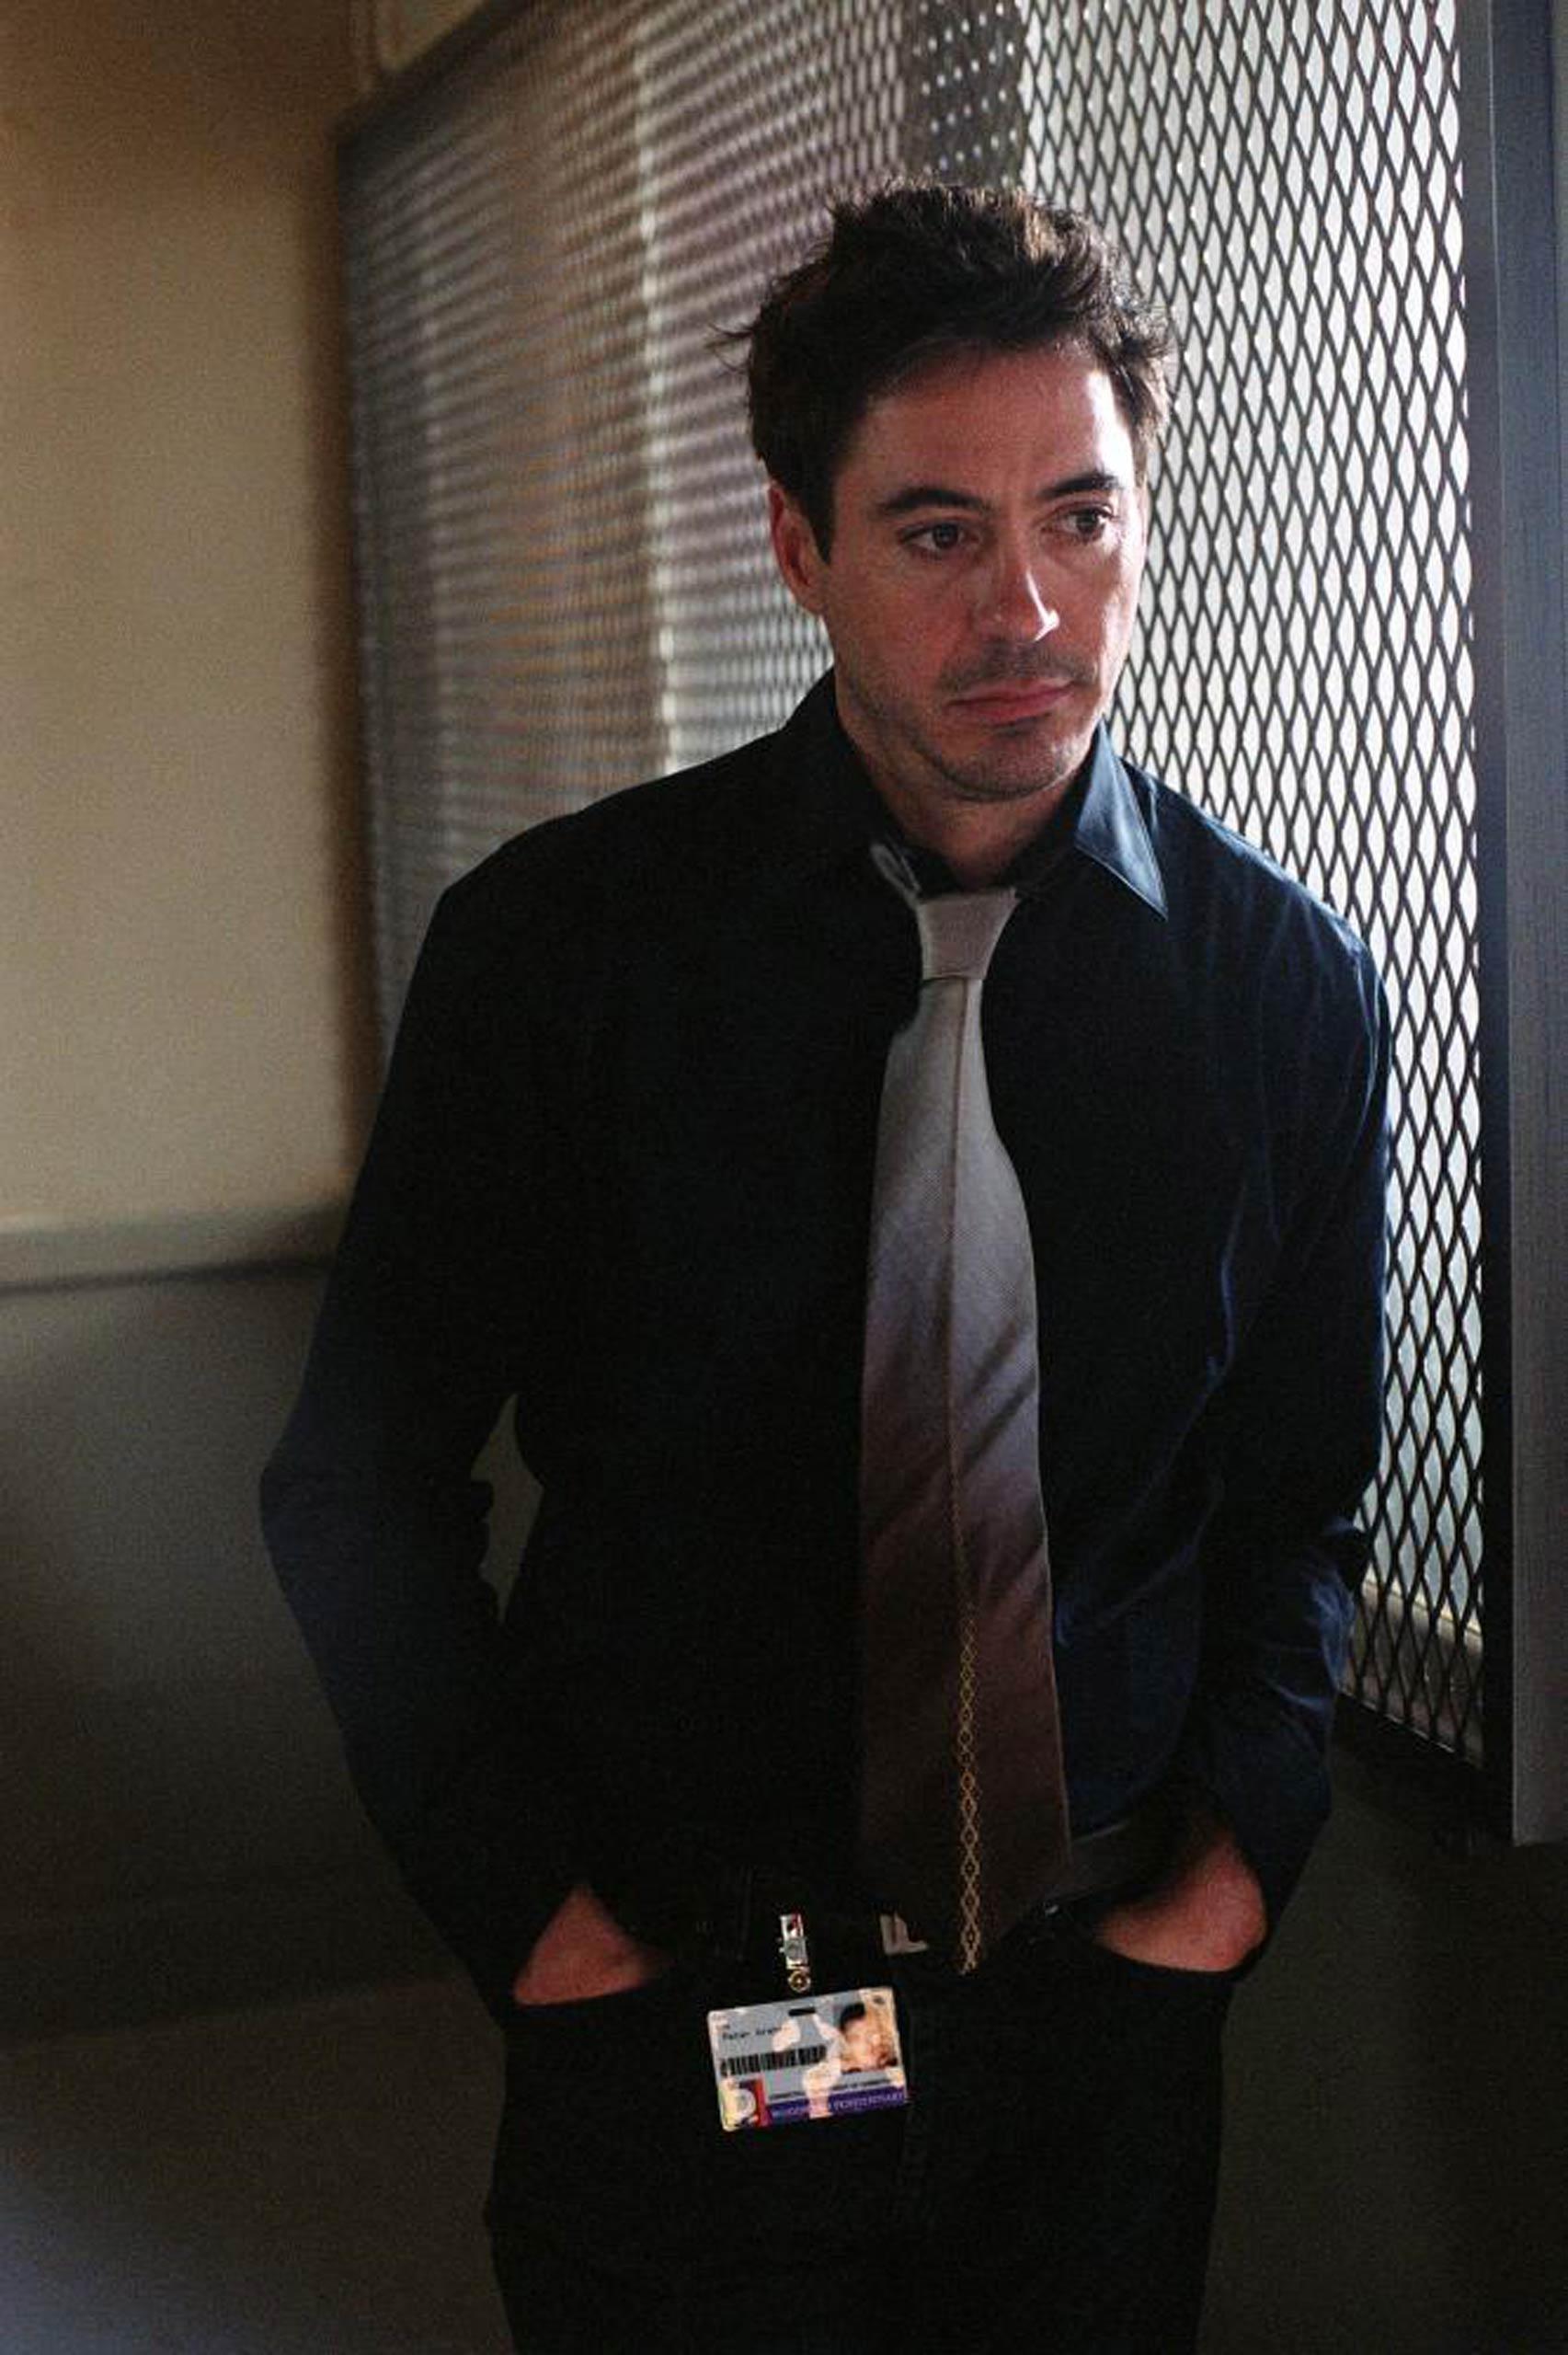 Robert Downey Jr. in <i>Gothika</i>, 2003.